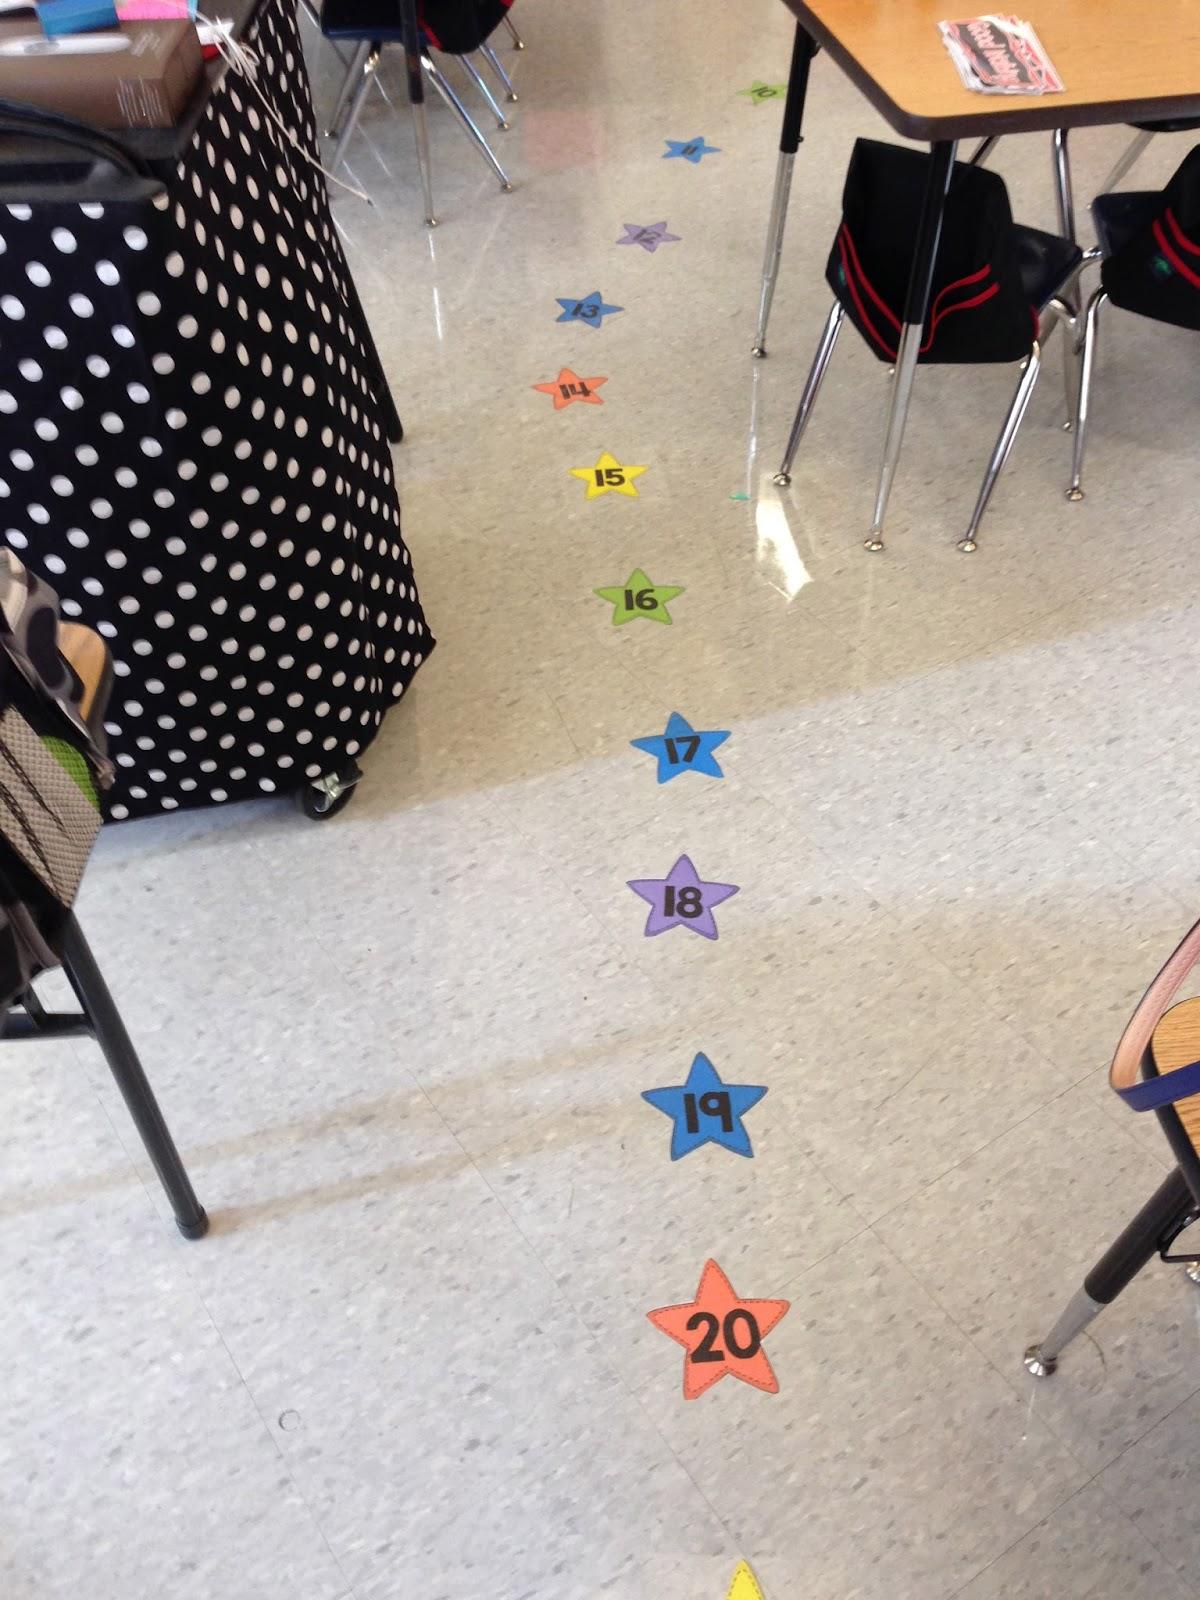 lining up, kindergarten lining stars